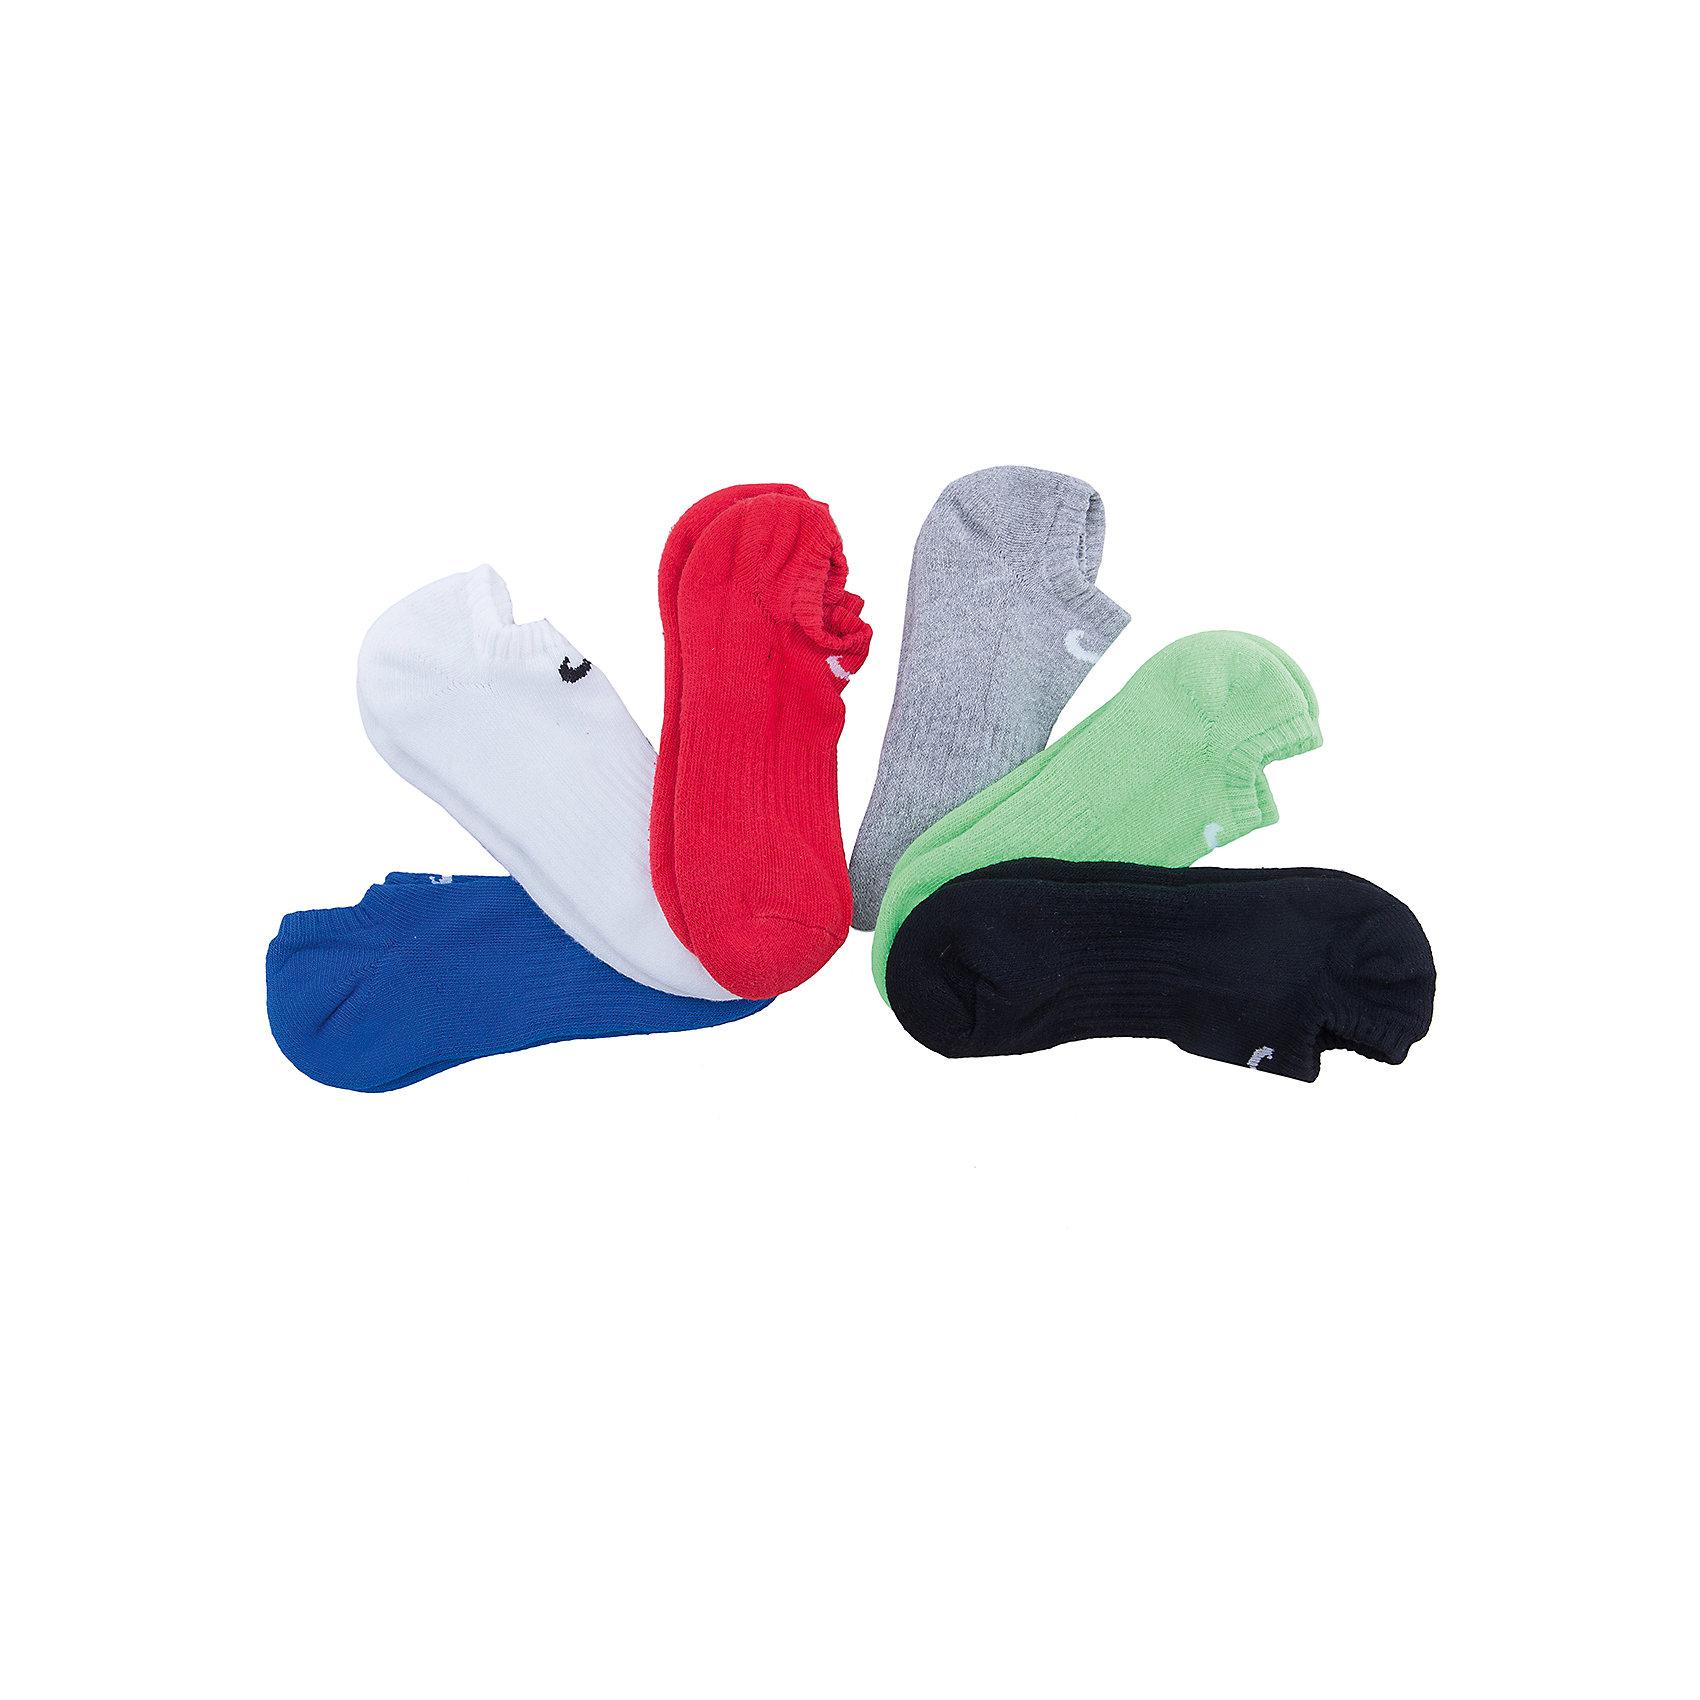 Носки NIKEСпортивная форма<br>Характеристики товара:<br><br>• цвет: синий/белый/красный/серый/зеленый/черный<br>• комплектация: 6 пар<br>• спортивный стиль<br>• состав: хлопок 74%, полиэстер 24%, эластан 2%<br>• мягкая резинка<br>• комфортная посадка <br>• укрепленная пятка и носок надежно <br>• логотип<br>• машинная стирка<br>• износостойкий материал<br>• страна бренда: США<br>• страна изготовитель: Пакистан <br><br>Продукция бренда NIKE известна высоким качеством и уникальным узнаваемым дизайном. Удобная посадка не сковывает движения, помогает создать для тела необходимую вентиляцию и вывод влаги.<br><br>Материал обеспечивает вещам долгий срок службы и отличный внешний вид даже после значительного количества стирок. Уход за изделием прост - достаточно машинной стирки на низкой температуре.<br><br>Качественный материал создает комфортную посадку, вещь при этом смотрится очень стильно. Благодаря универсальному цвету она отлично смотрится с разной одеждой и обувью.<br><br>Носки NIKE (Найк) можно купить в нашем интернет-магазине.<br><br>Ширина мм: 87<br>Глубина мм: 10<br>Высота мм: 105<br>Вес г: 115<br>Цвет: разноцветный<br>Возраст от месяцев: 168<br>Возраст до месяцев: 1188<br>Пол: Унисекс<br>Возраст: Детский<br>Размер: 38-42<br>SKU: 6676777